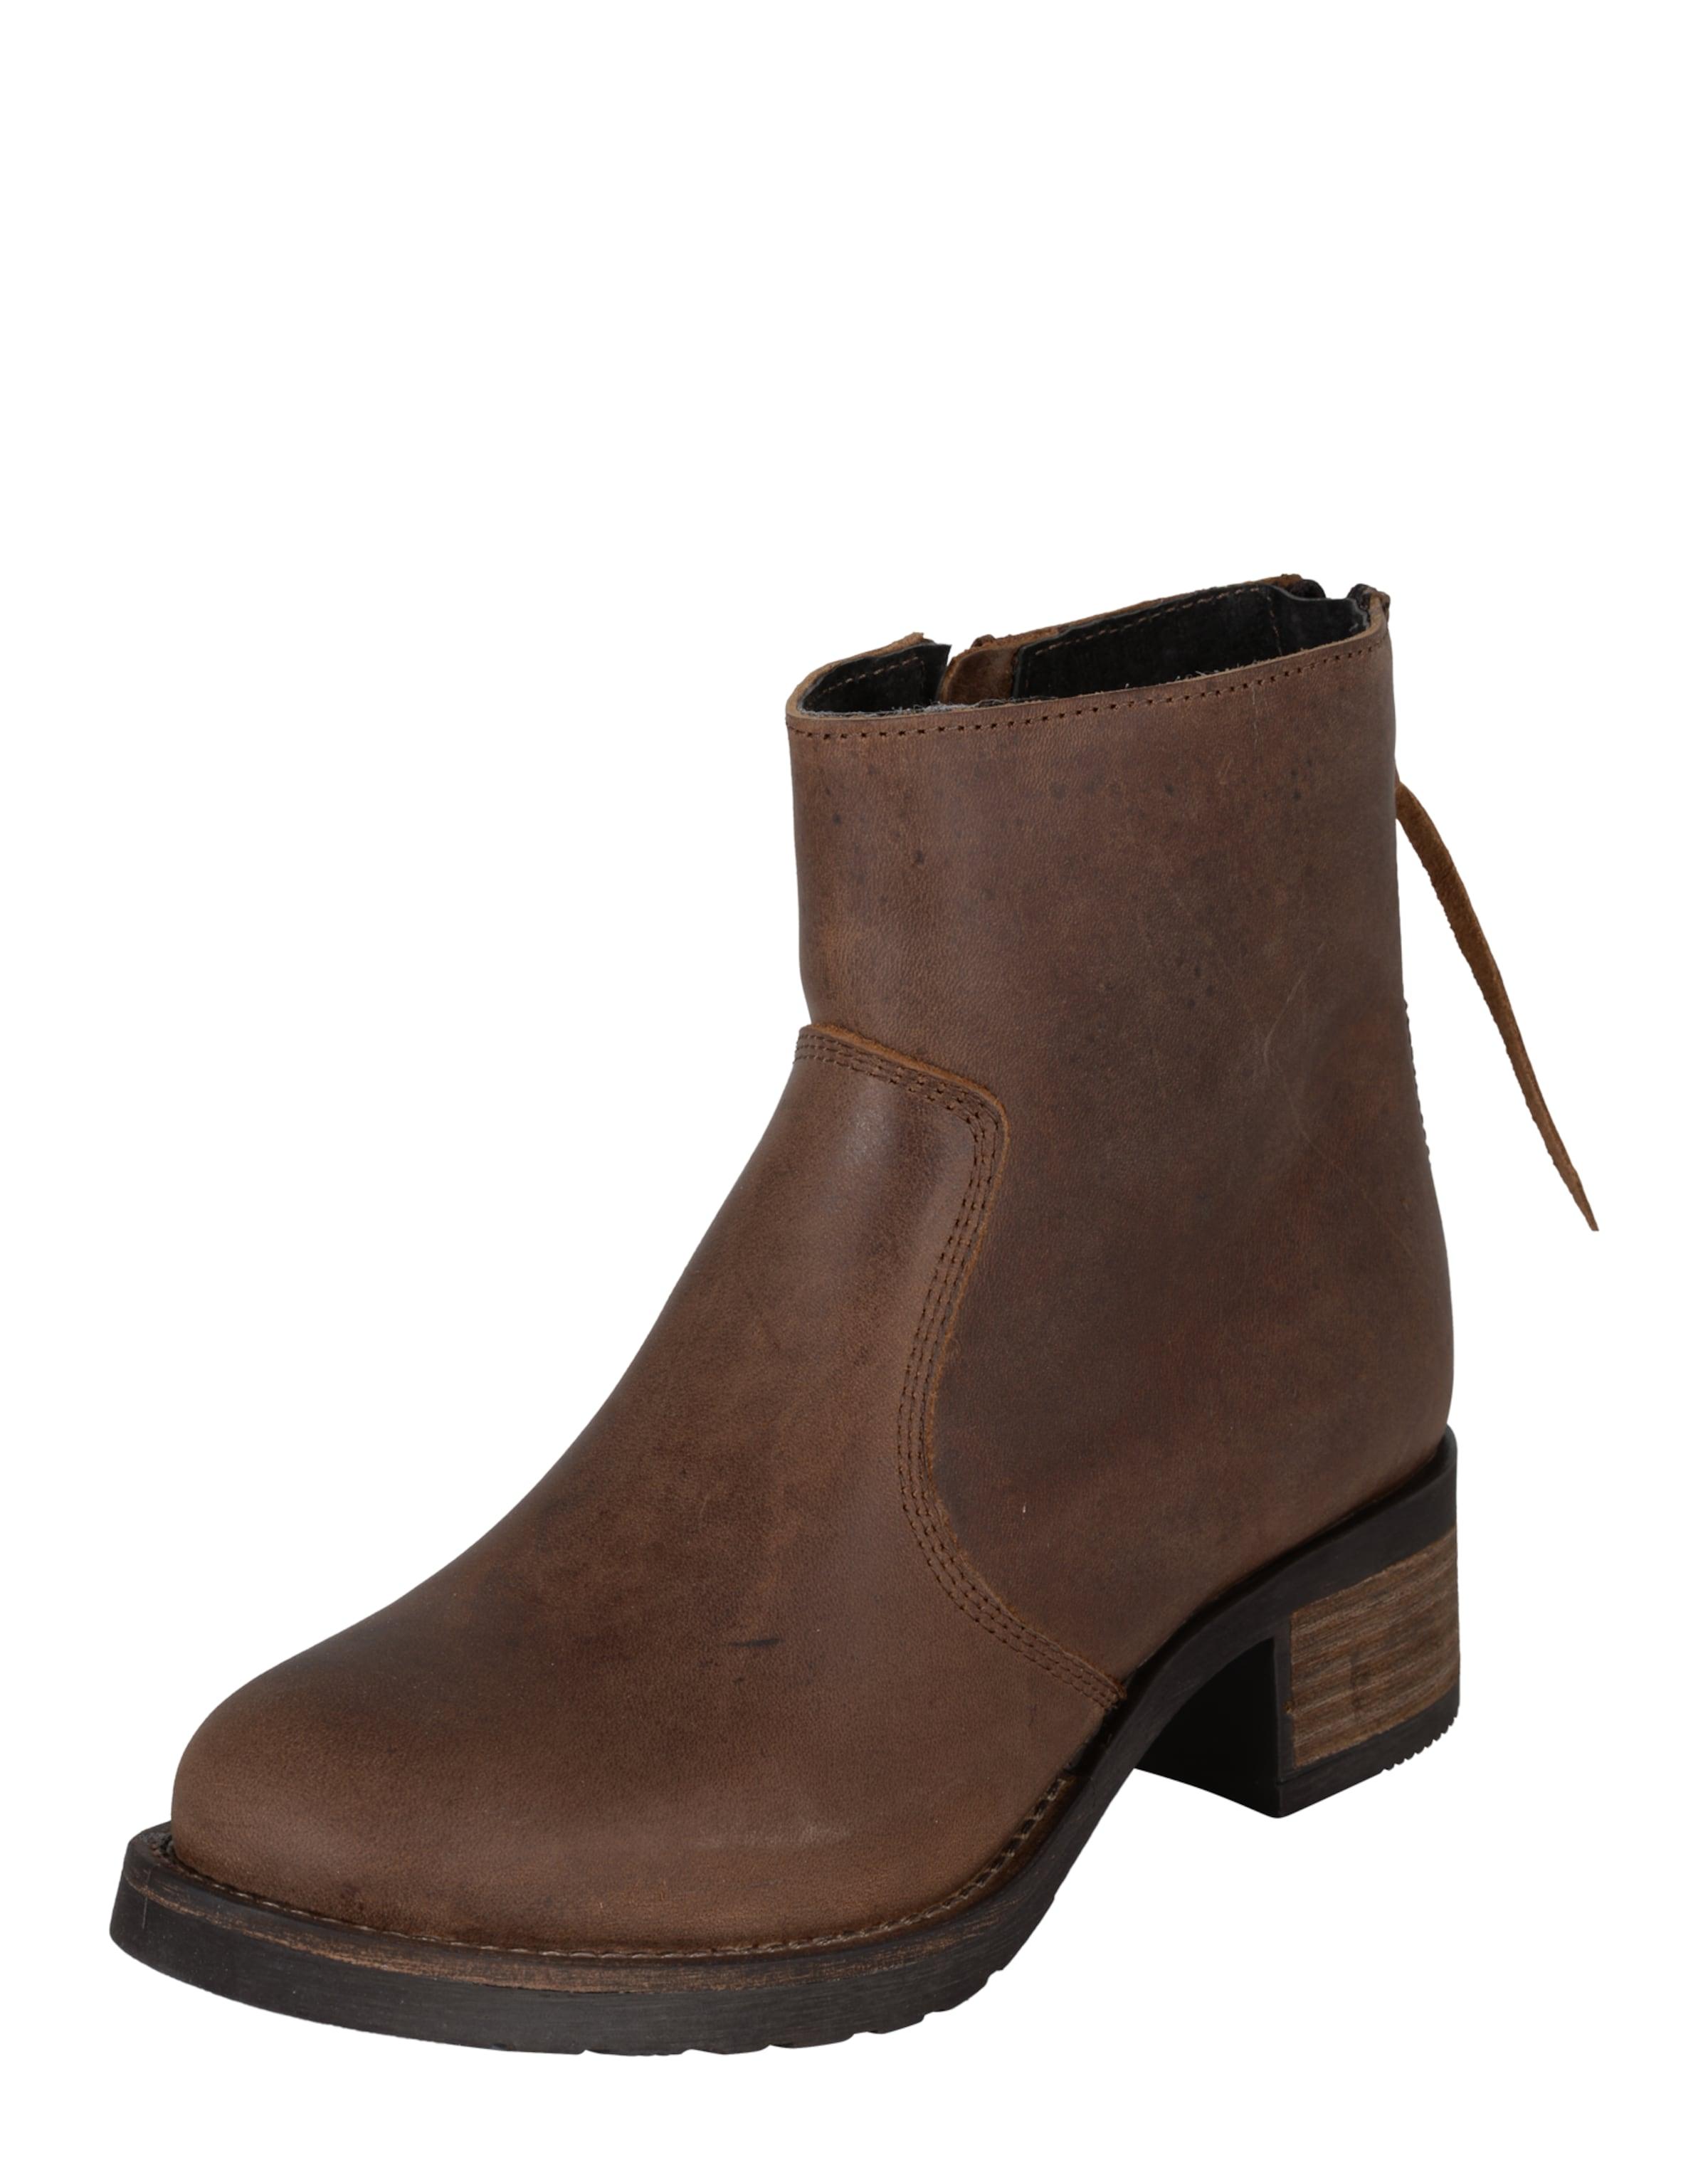 PAVEMENT Stiefeletten Kelly Verschleißfeste billige Schuhe